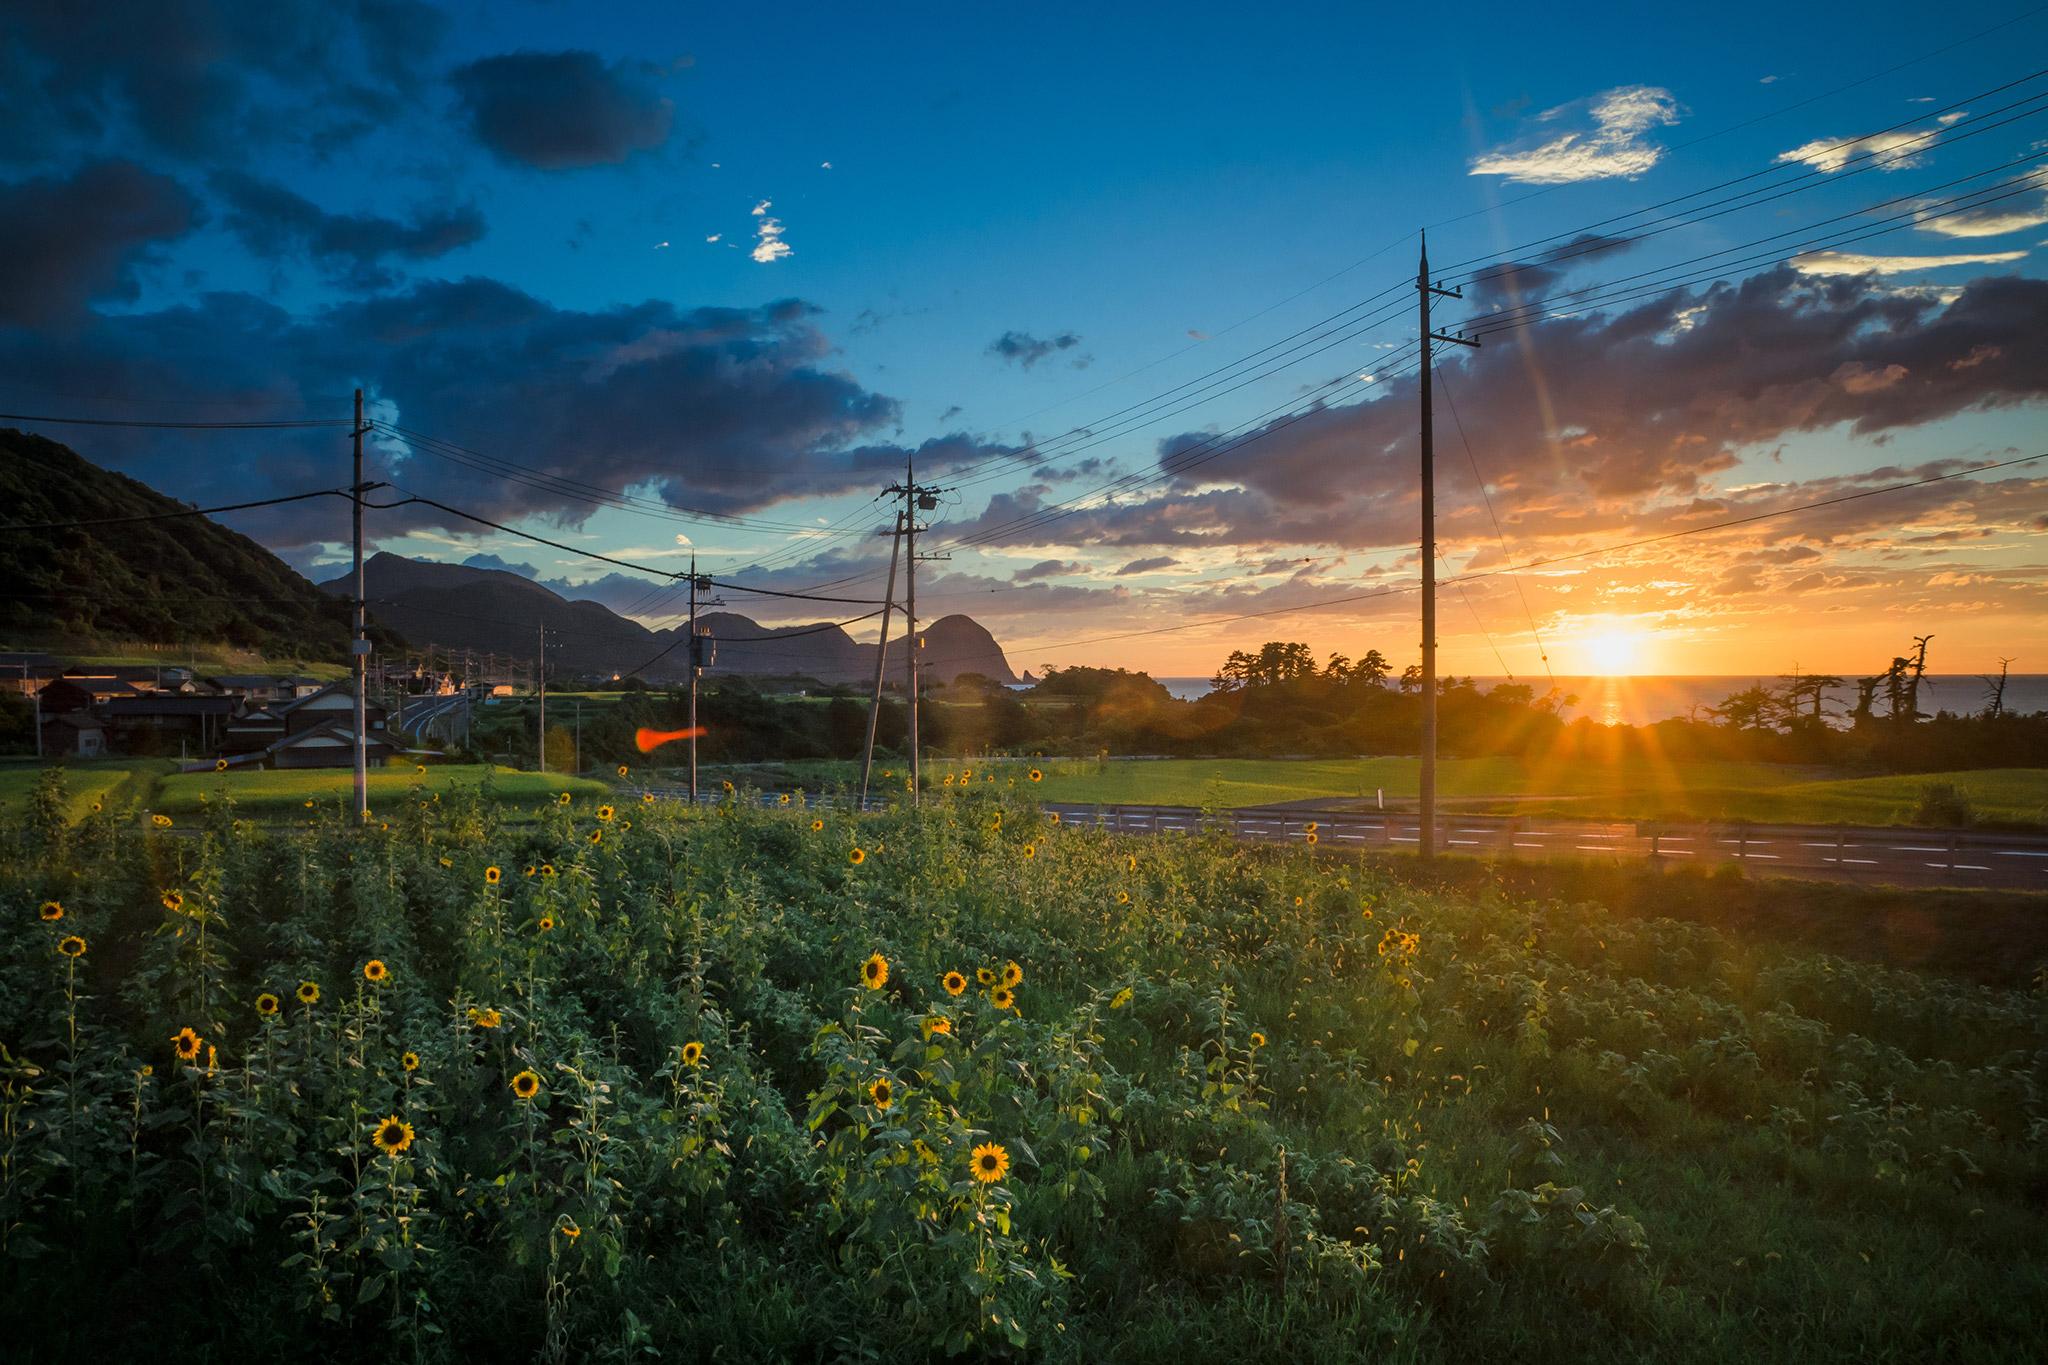 おすすめ写真集『夏は幻』Iskaさん 夏を感じる日常風景